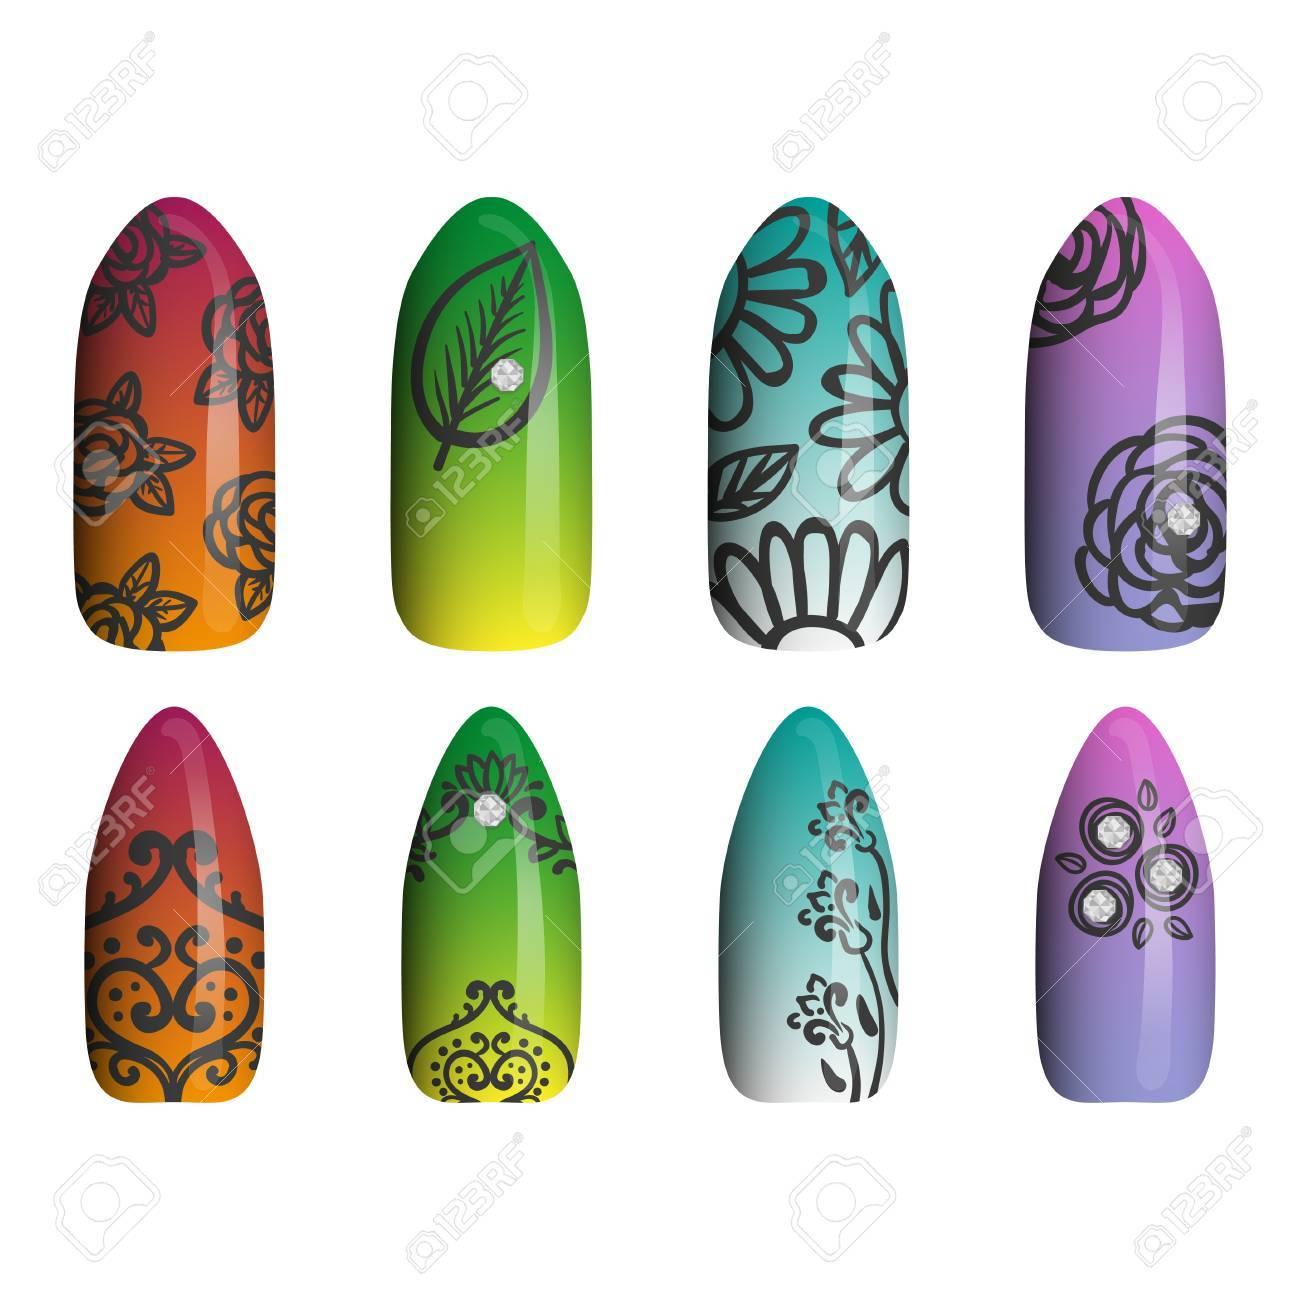 Un Conjunto De Uñas Pintadas De Colores. Manicura. Esmalte De Uñas ...